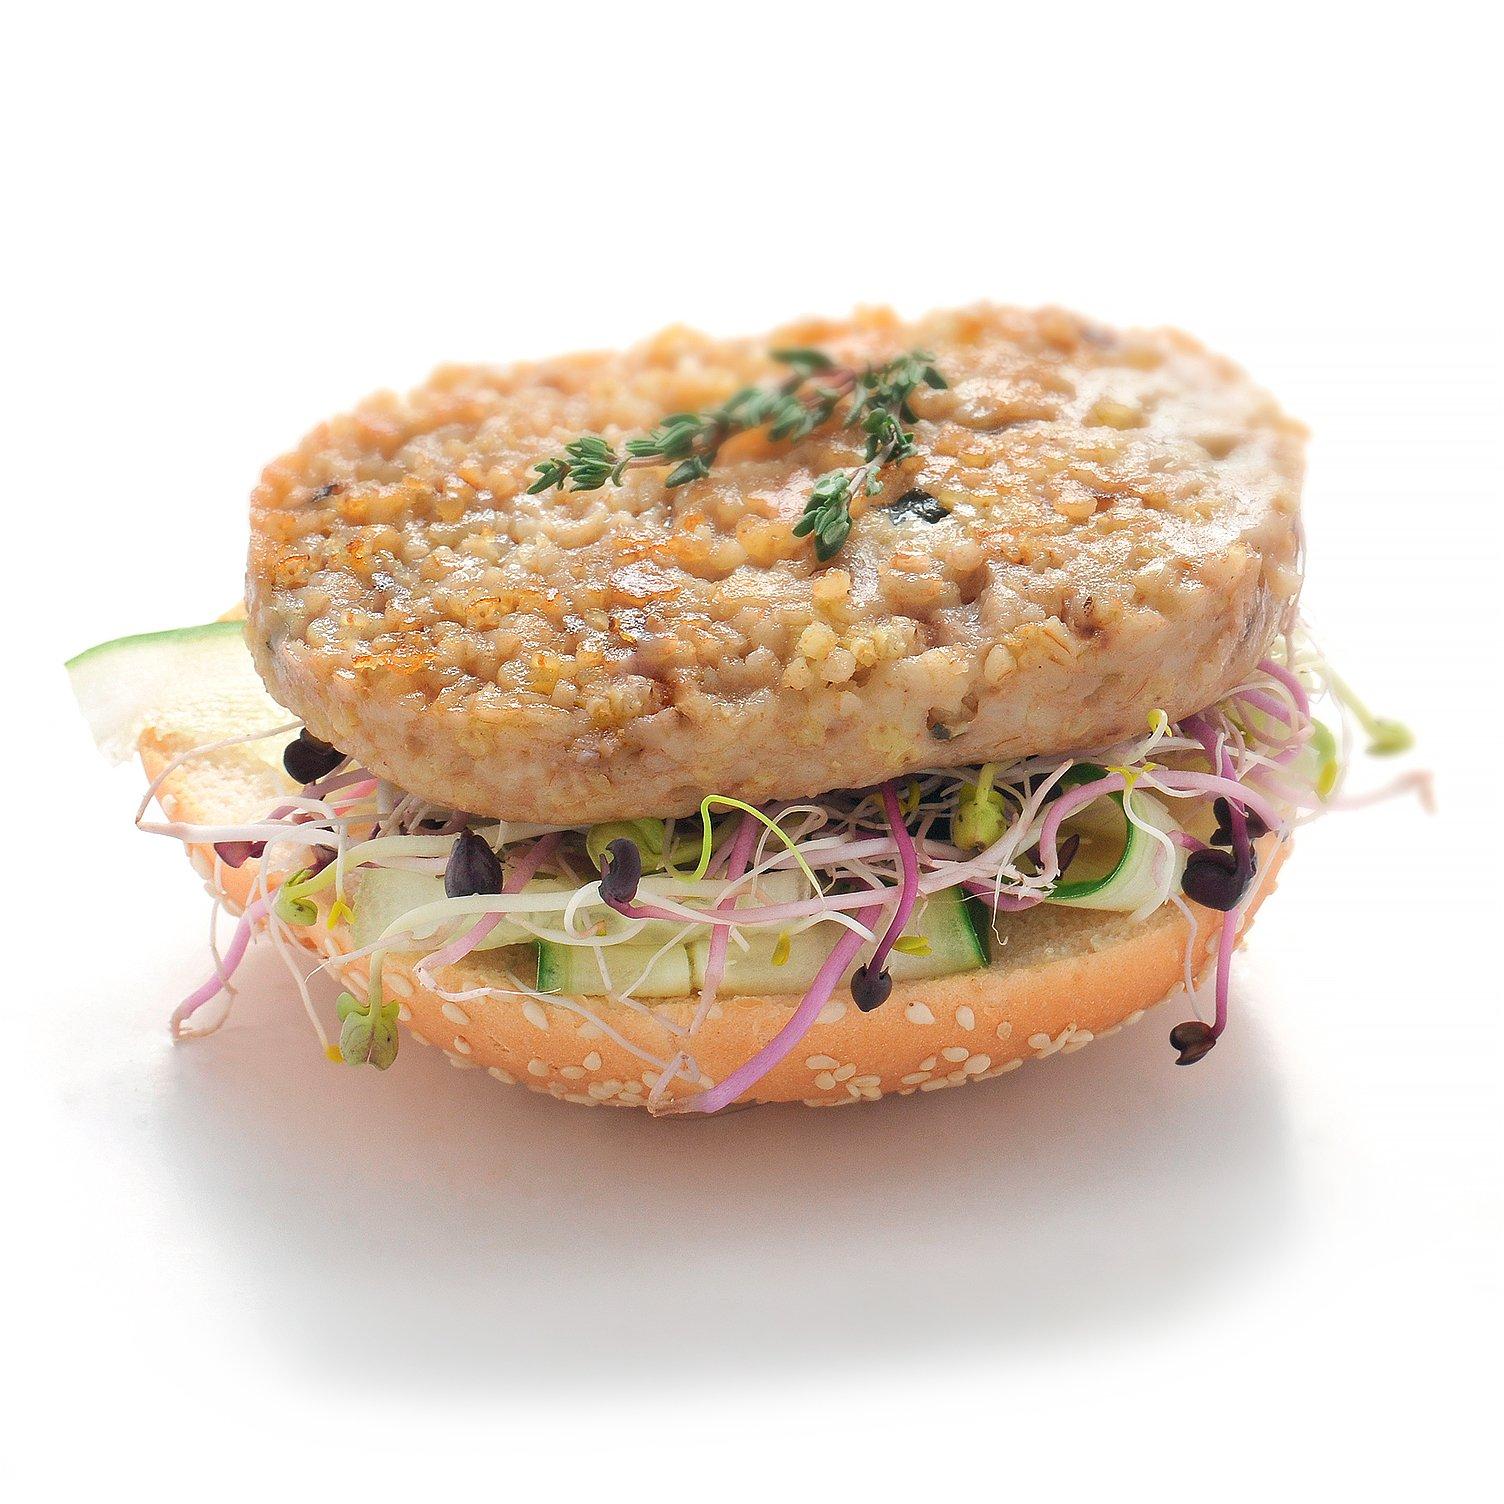 Burger avec galette végétale au boulgour chèvre miel